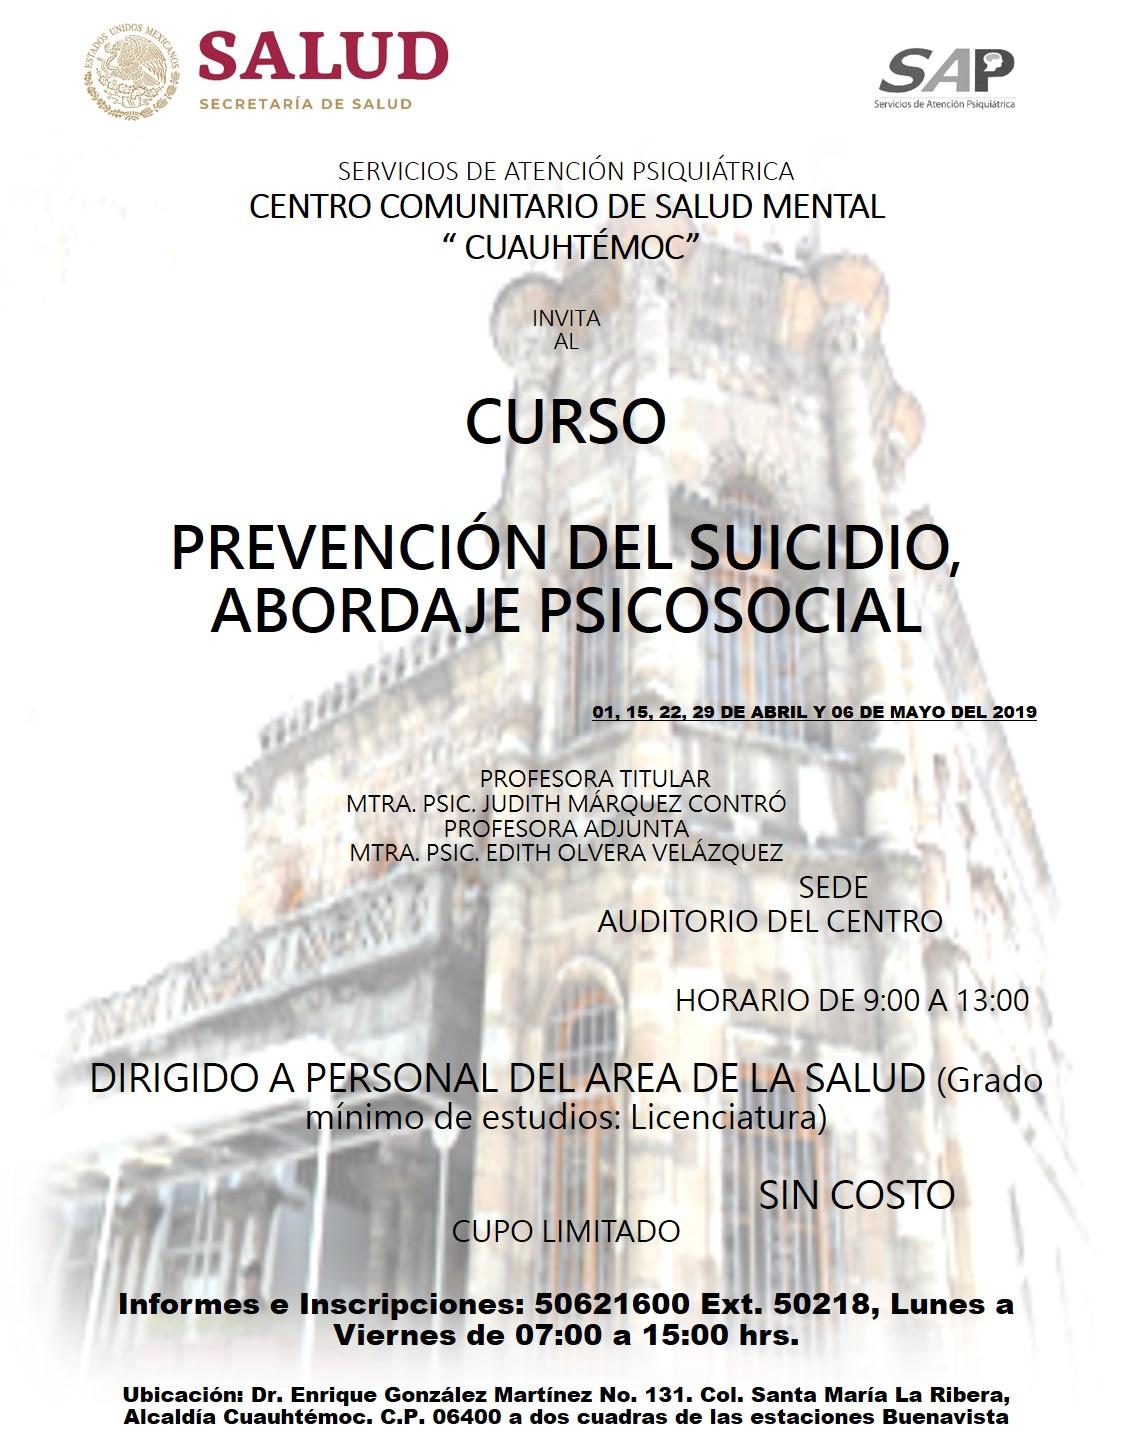 Prevencion suicidio ccsmc 1 15 22 29 abr y 6 may 2019